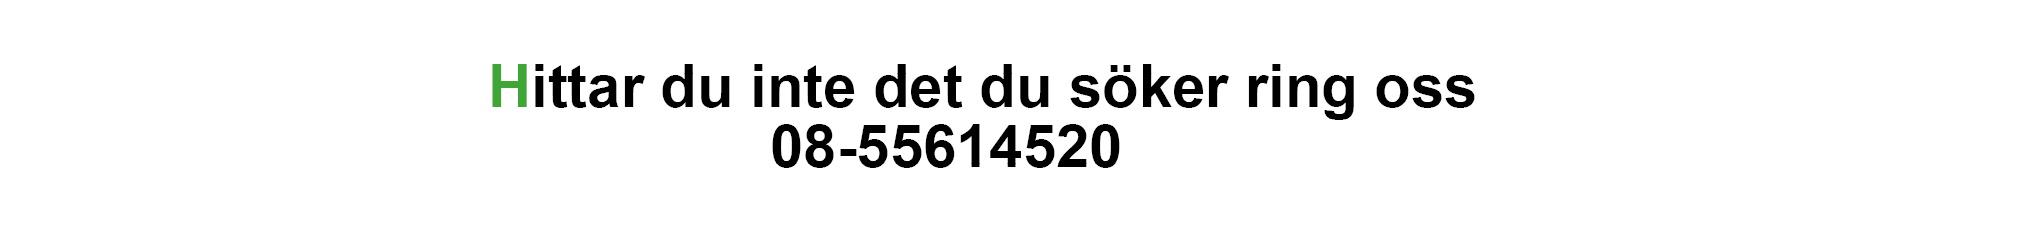 slider-image-https://boier.testavendre.se/image/6025/Hittar-du-inte.jpg